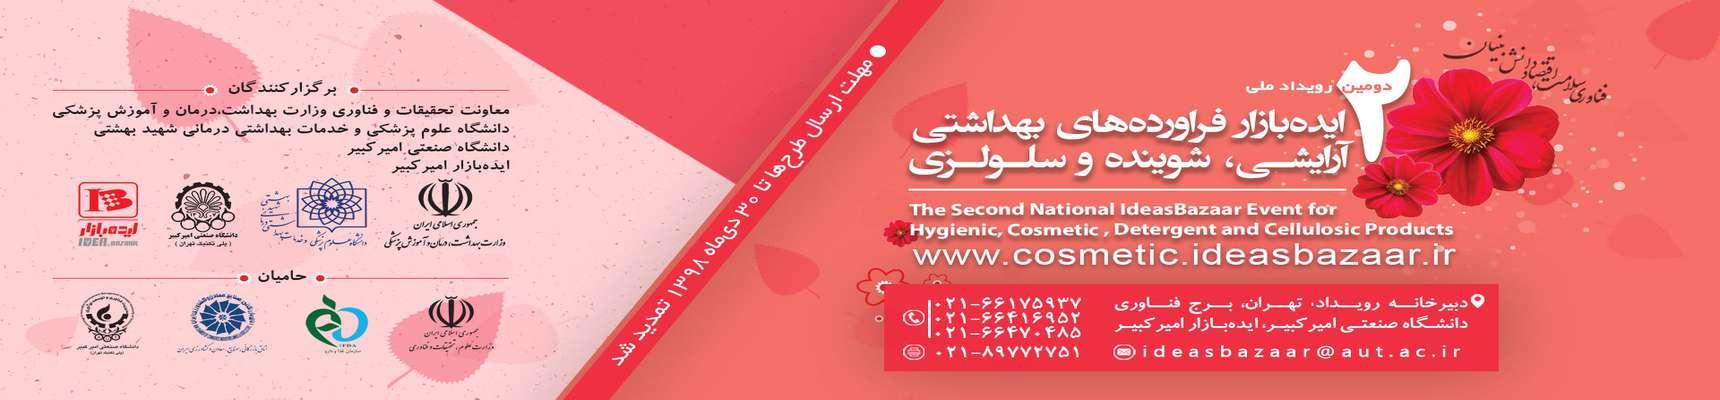 دومین رویداد ملی «ایدهبازار فرآوردههای بهداشتی، آرایشی، شوینده و سلولزی»